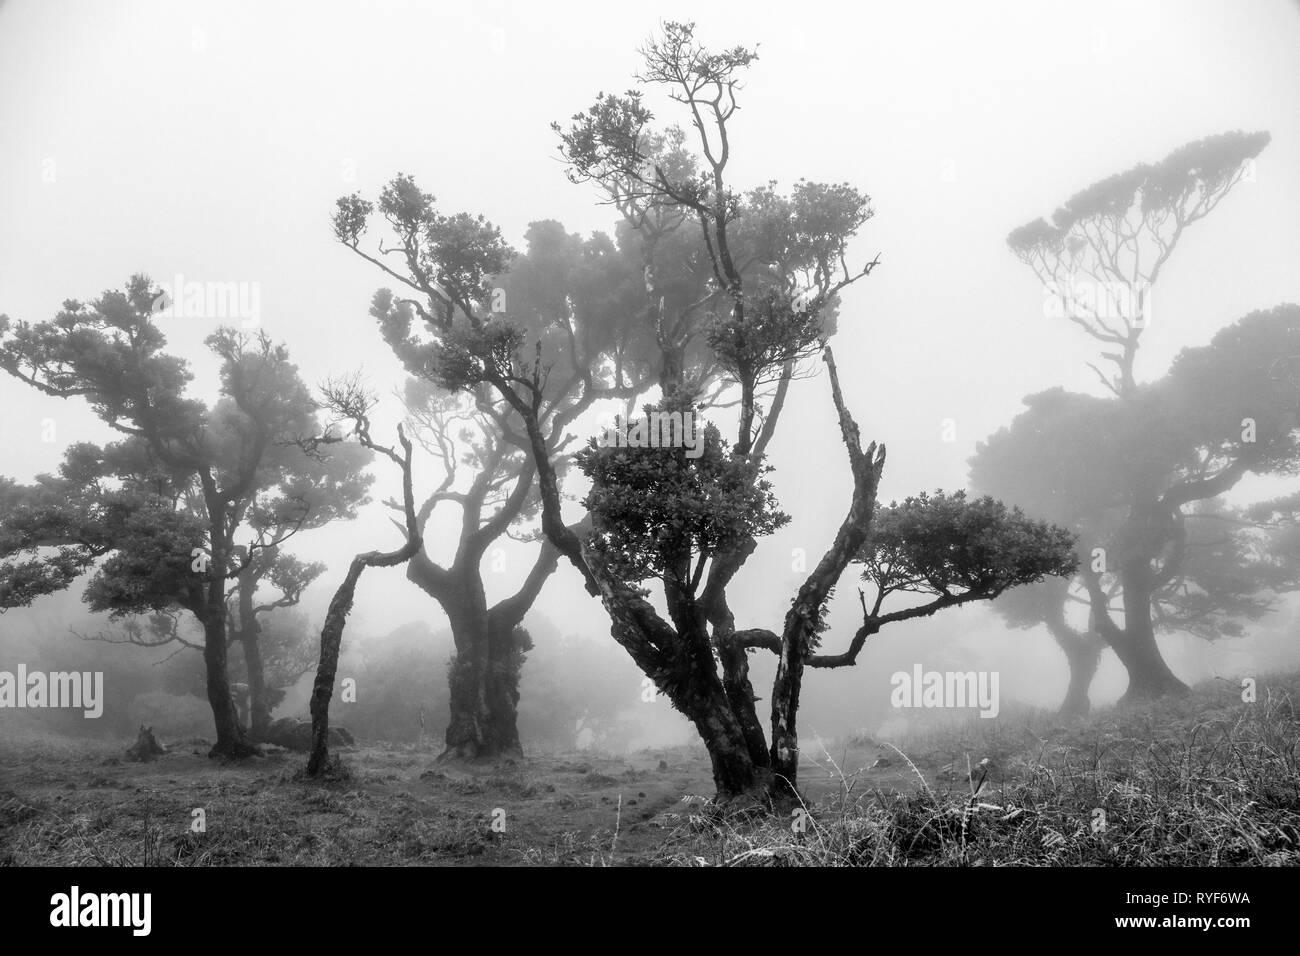 Laurel Bäume im Nebel im Teil der alten Laurisilva Wald in der Nähe von Fanal, Madeira Stockbild